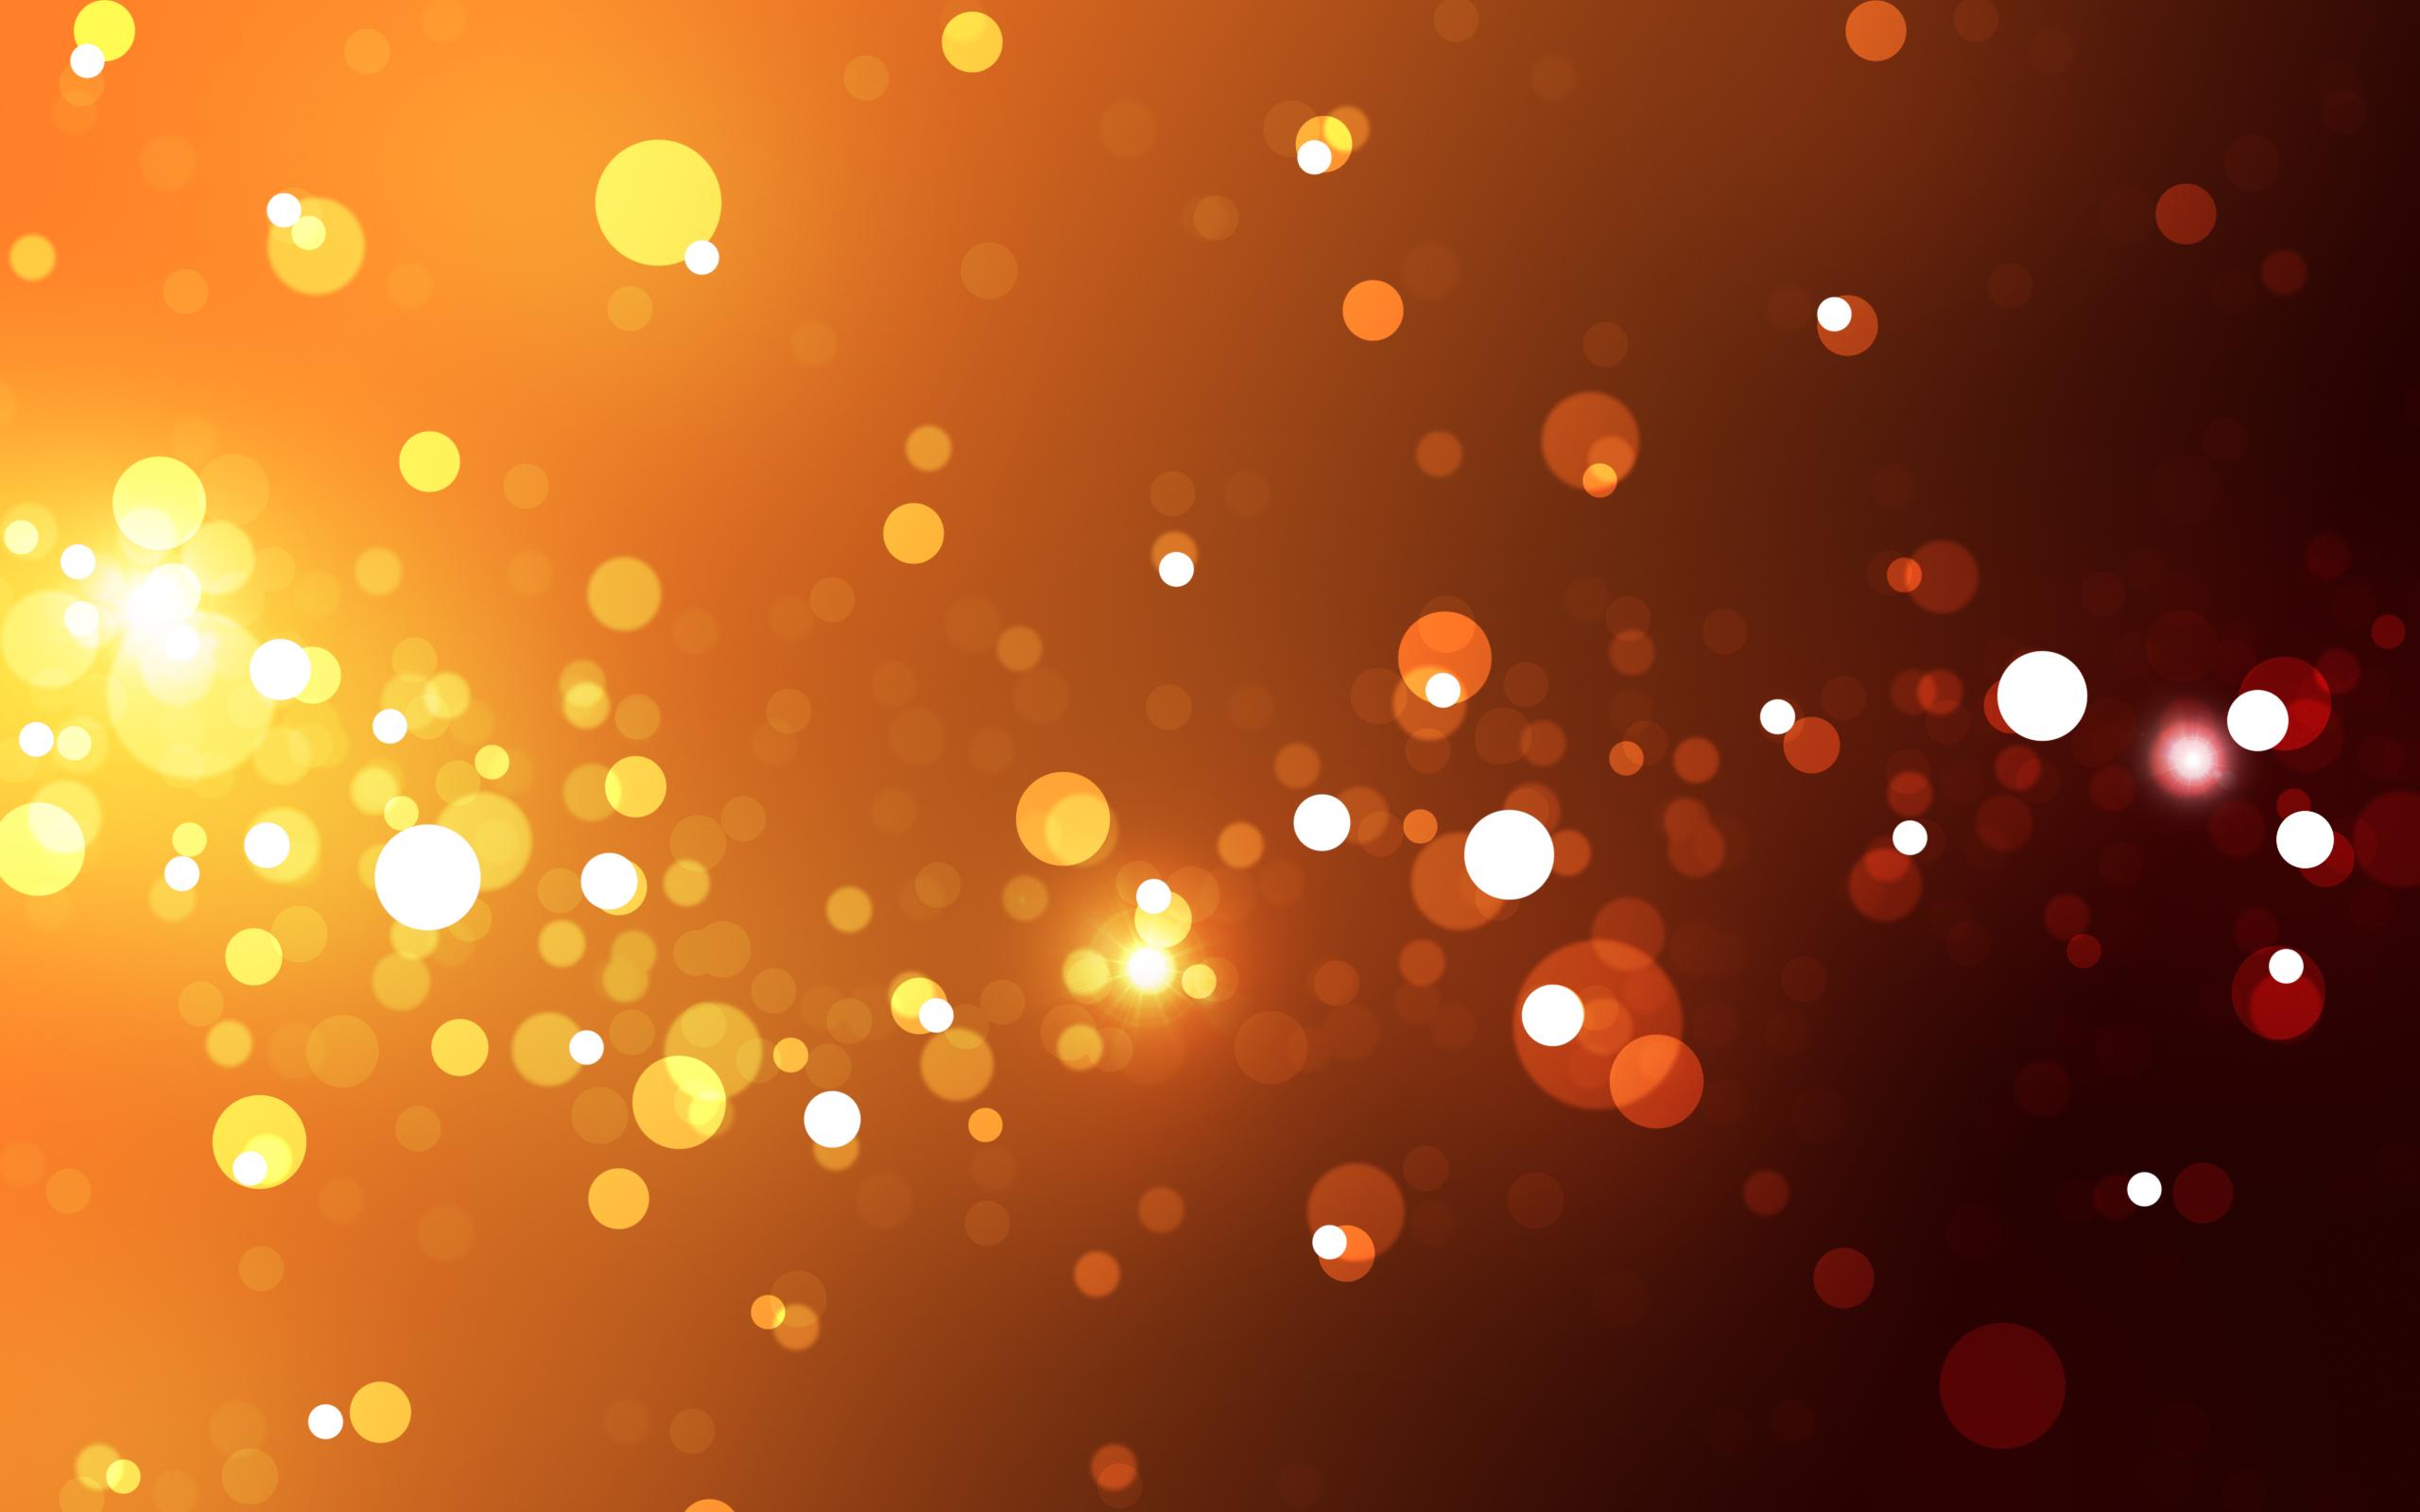 Orange Light HD wallpaper 2560x1600 17645 2560x1600